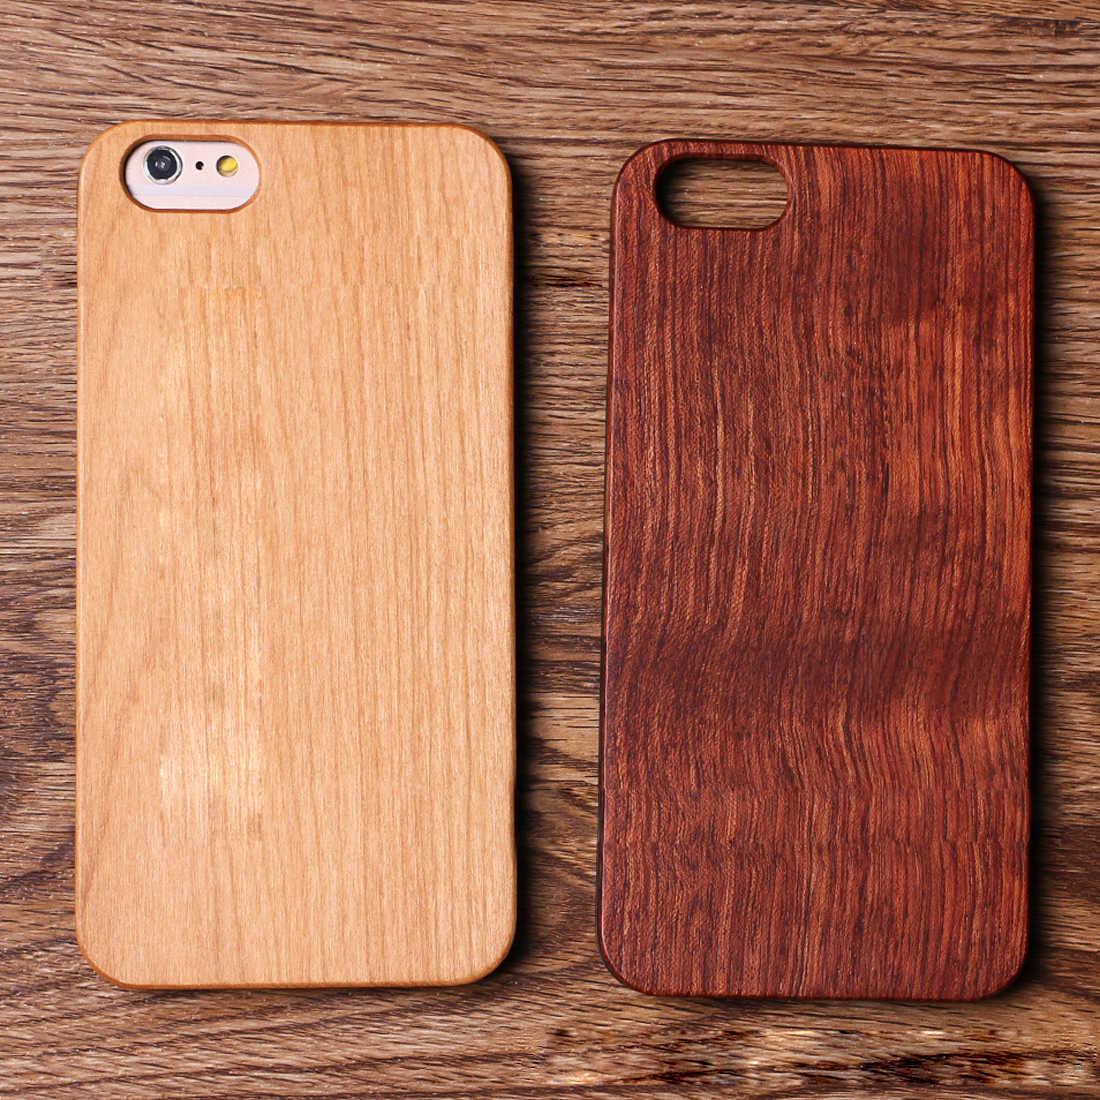 f4ea9cb22c6a2 Etmakit деревянная крышка для iPhone 7 Plus чехол из натурального бамбука Деревянные  телефонные чехлы iPhone 6